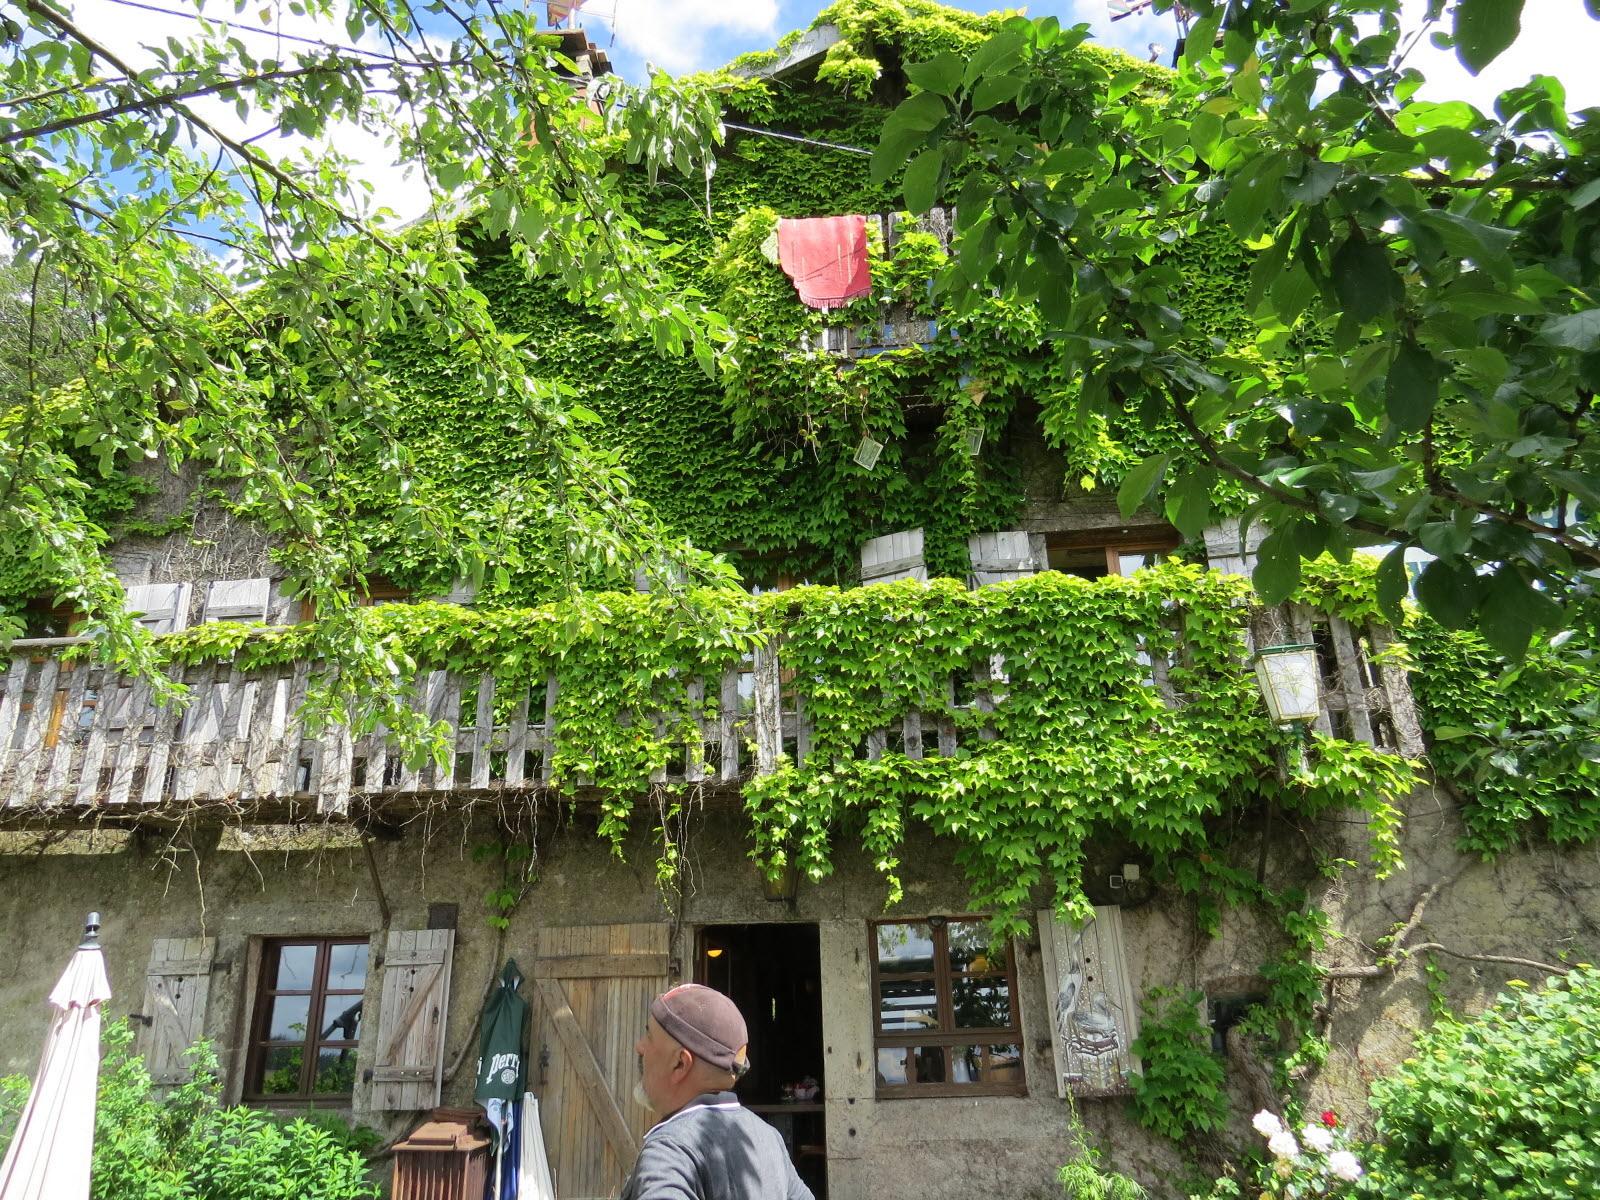 la-ferme-saint-vallier-du-girmont-val-d-ajol-en-images-1470862123_7